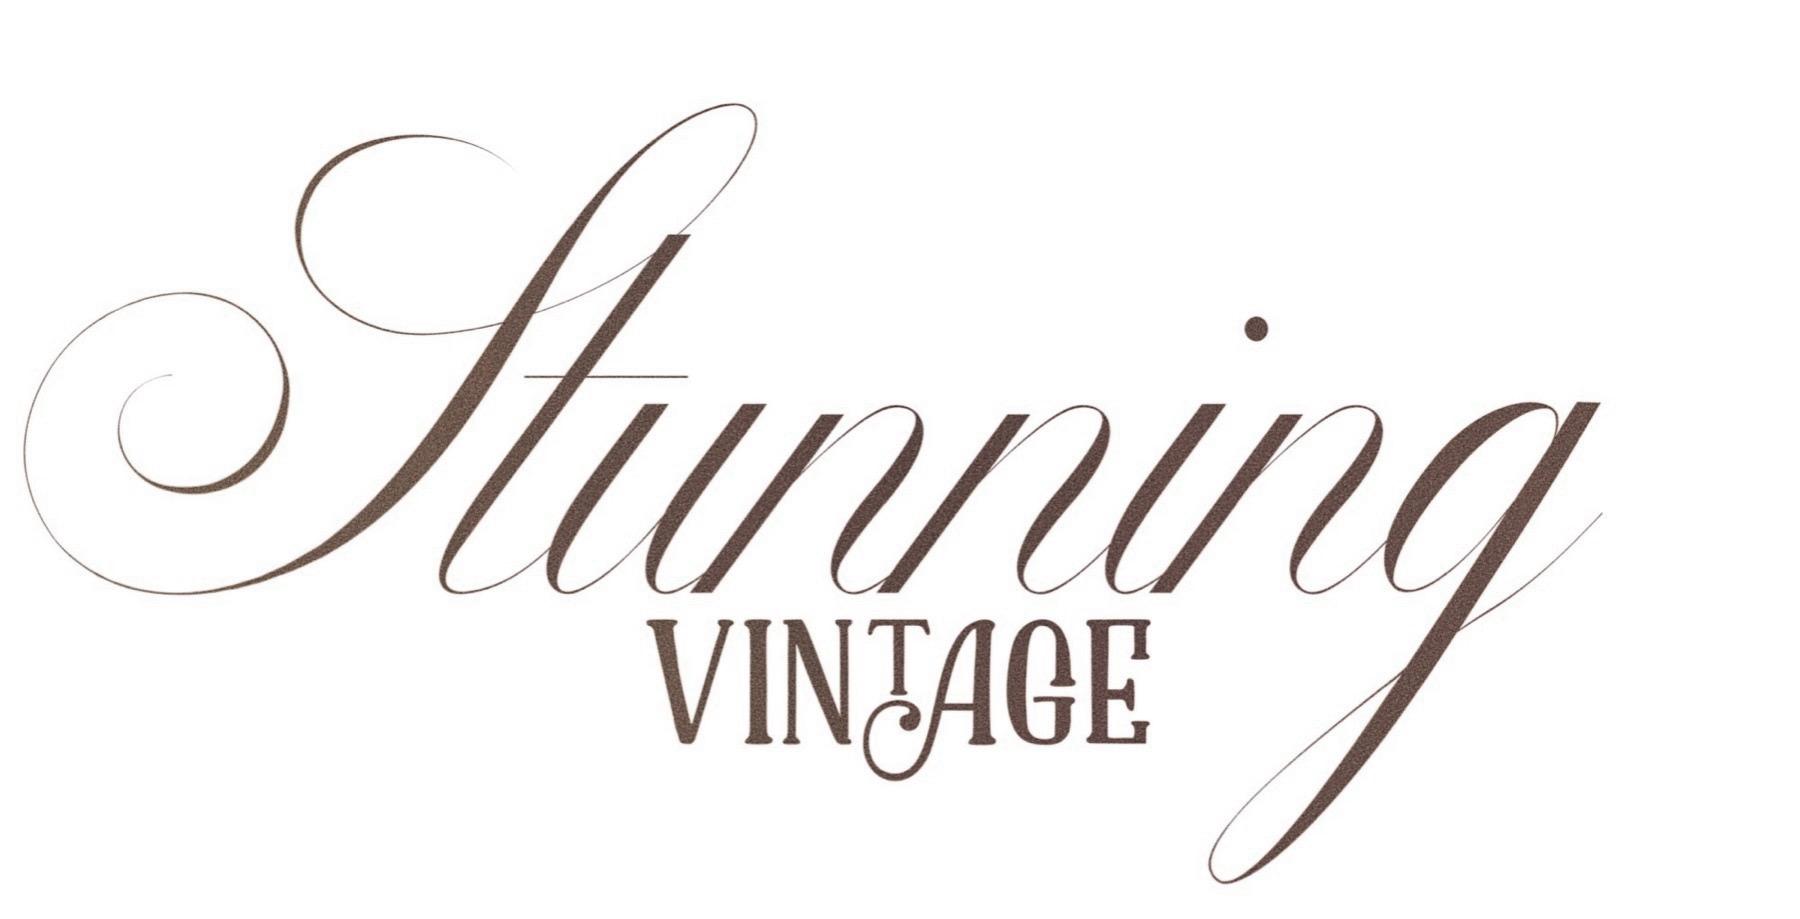 Stunning Vintage-Logo